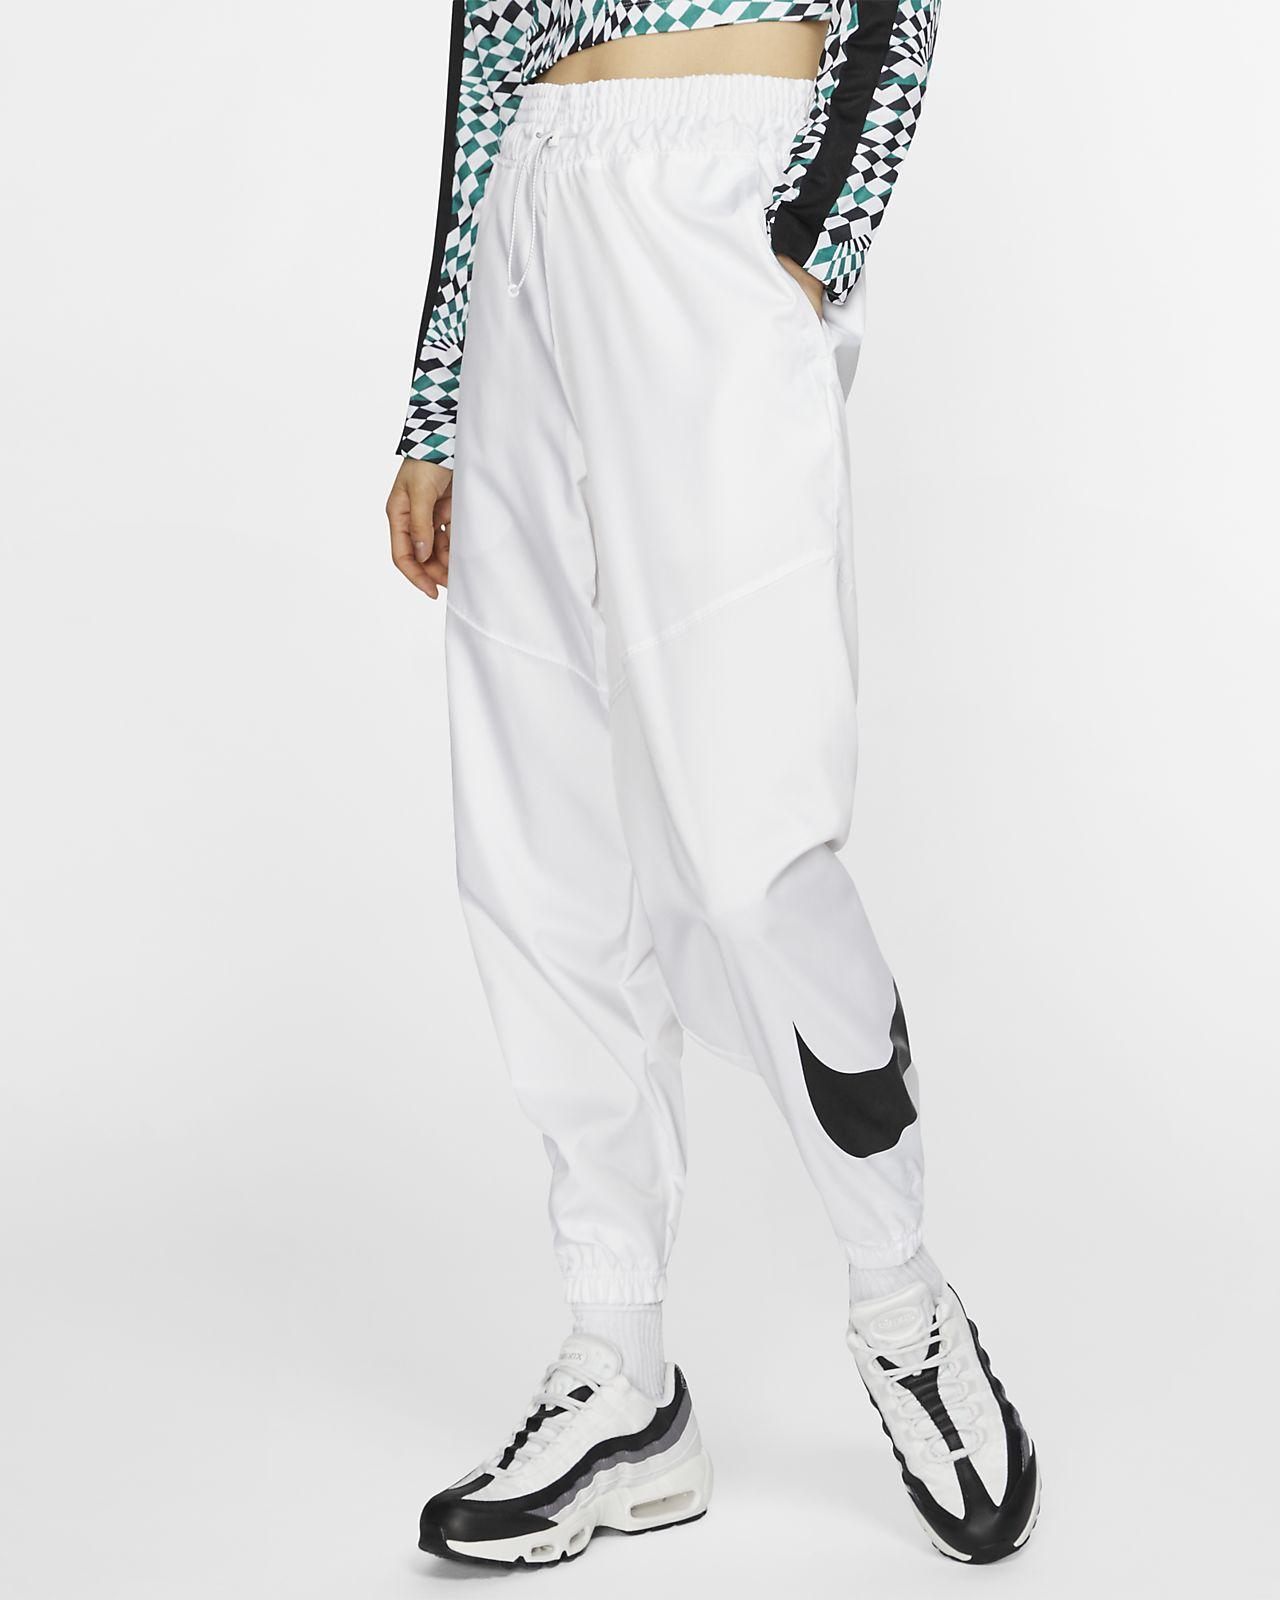 Pantalon tissé Nike Sportswear Swoosh